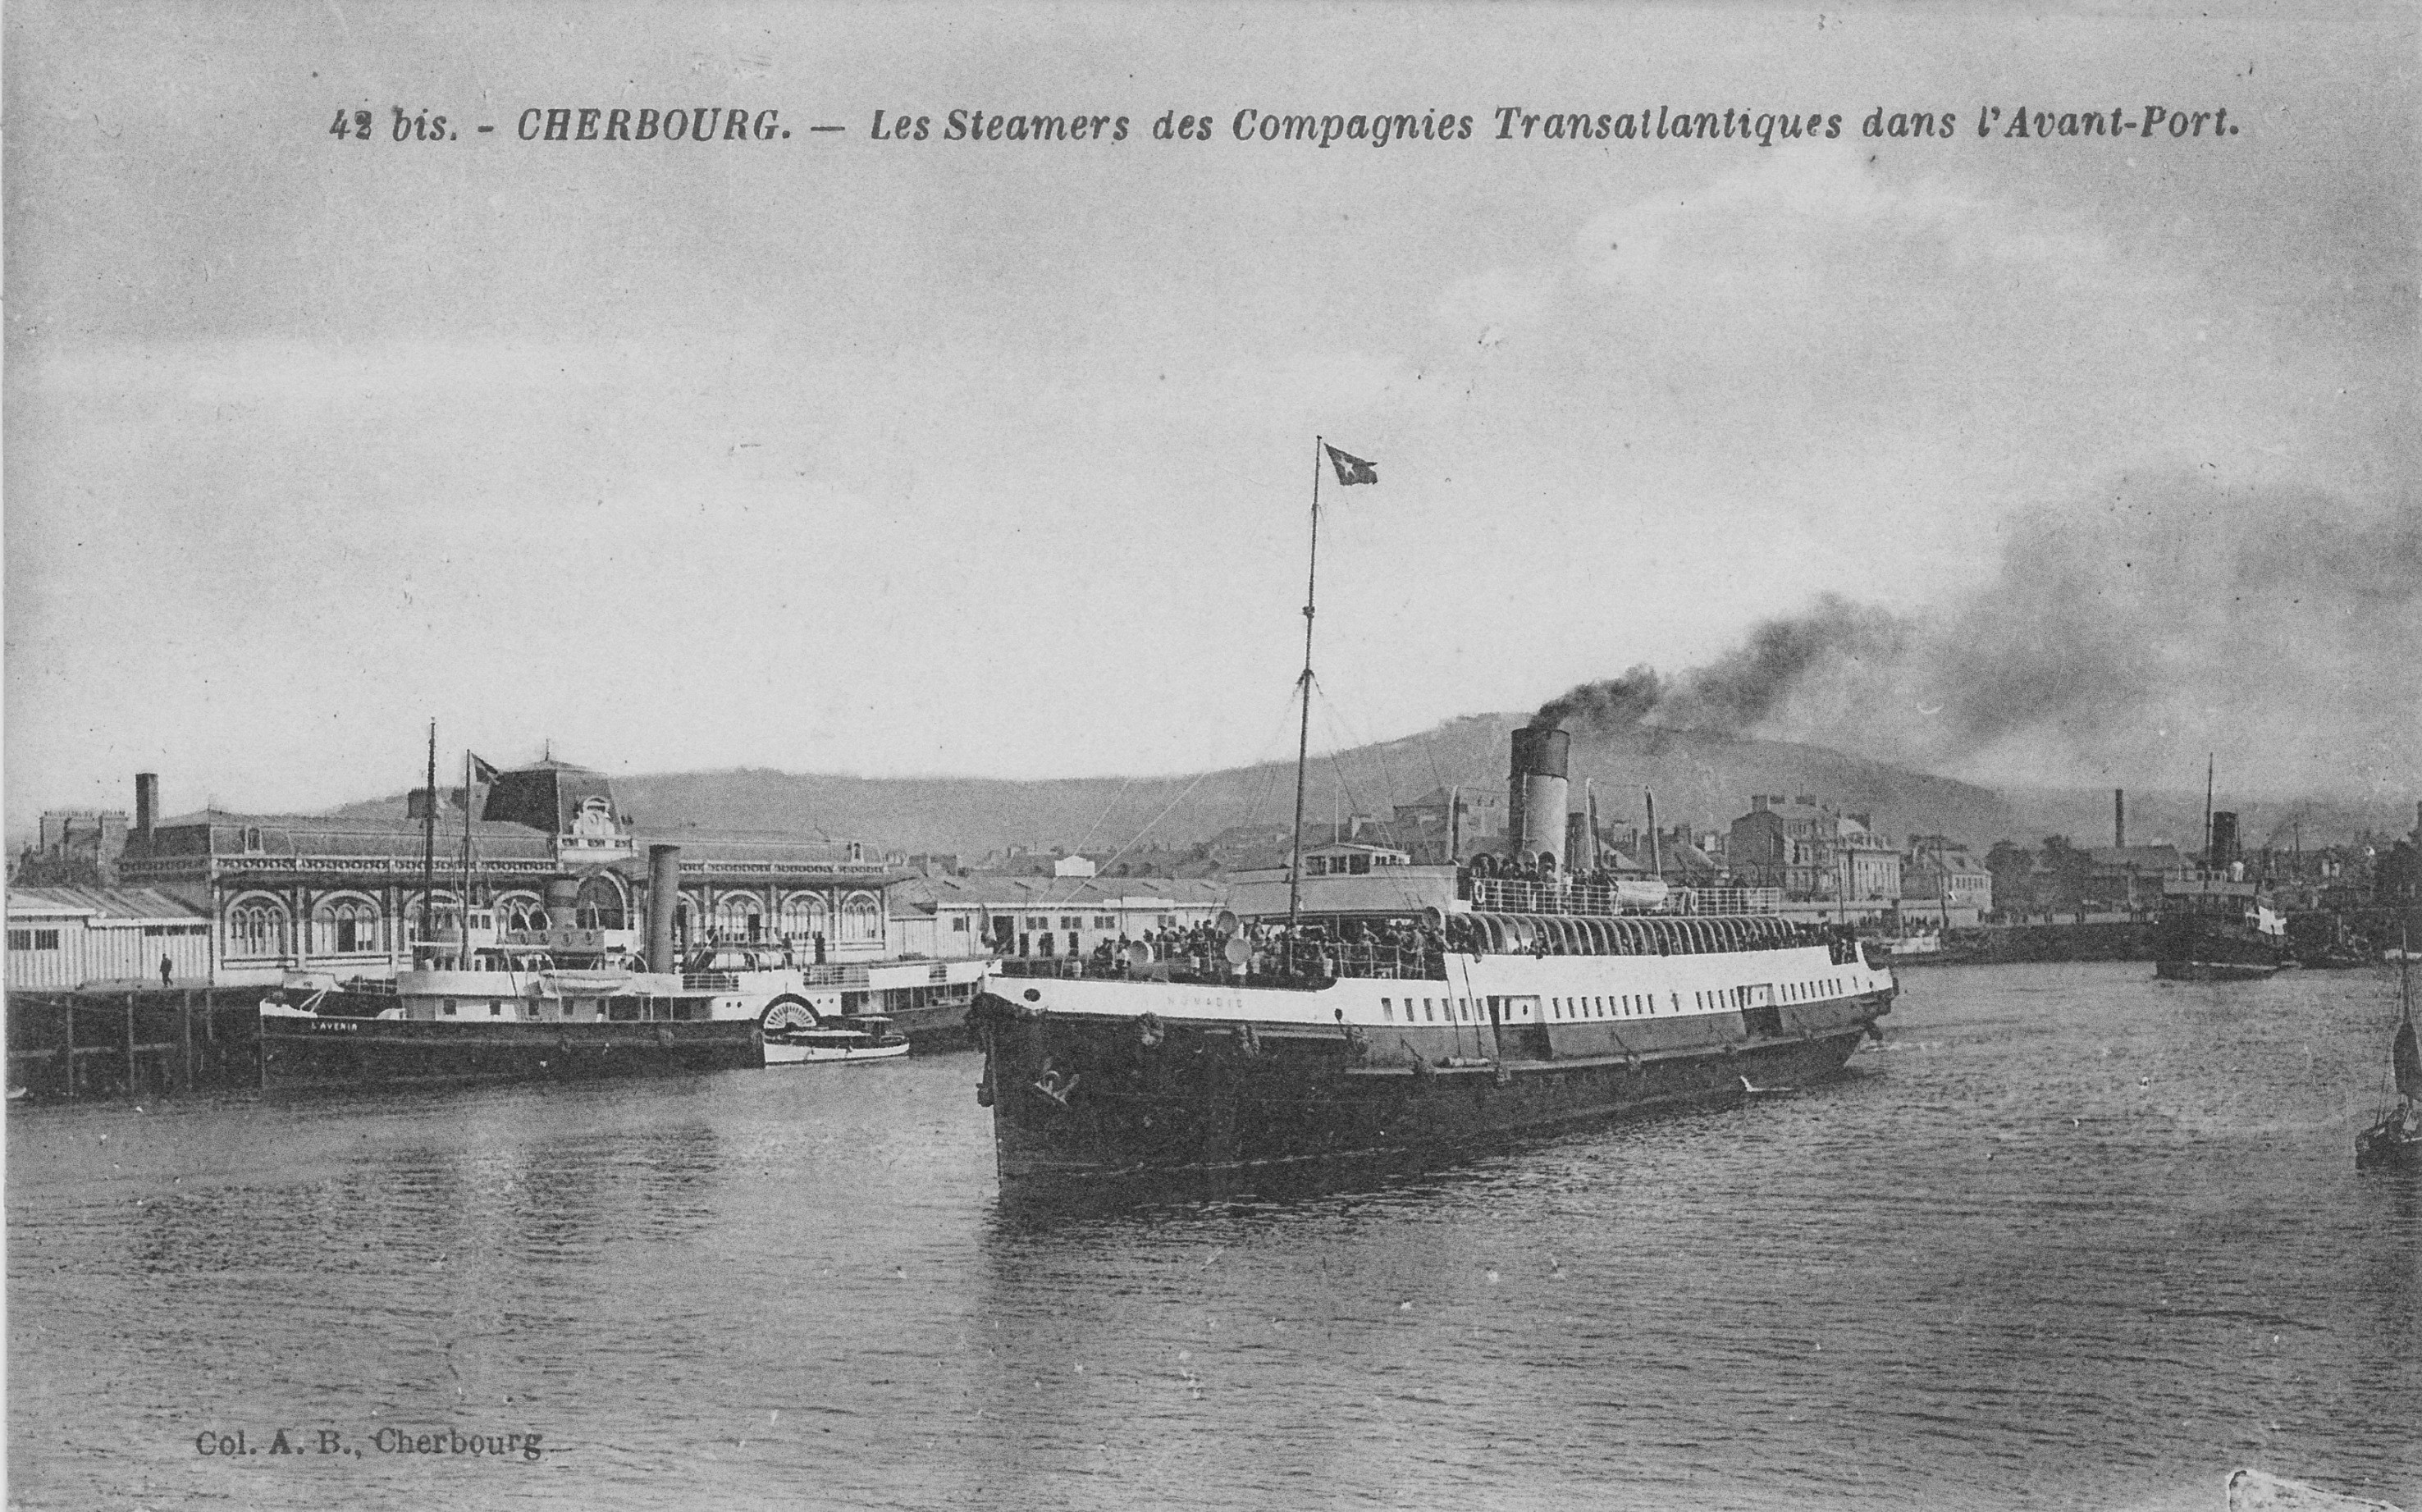 Nomadic-Compagnies-Transatlantiques